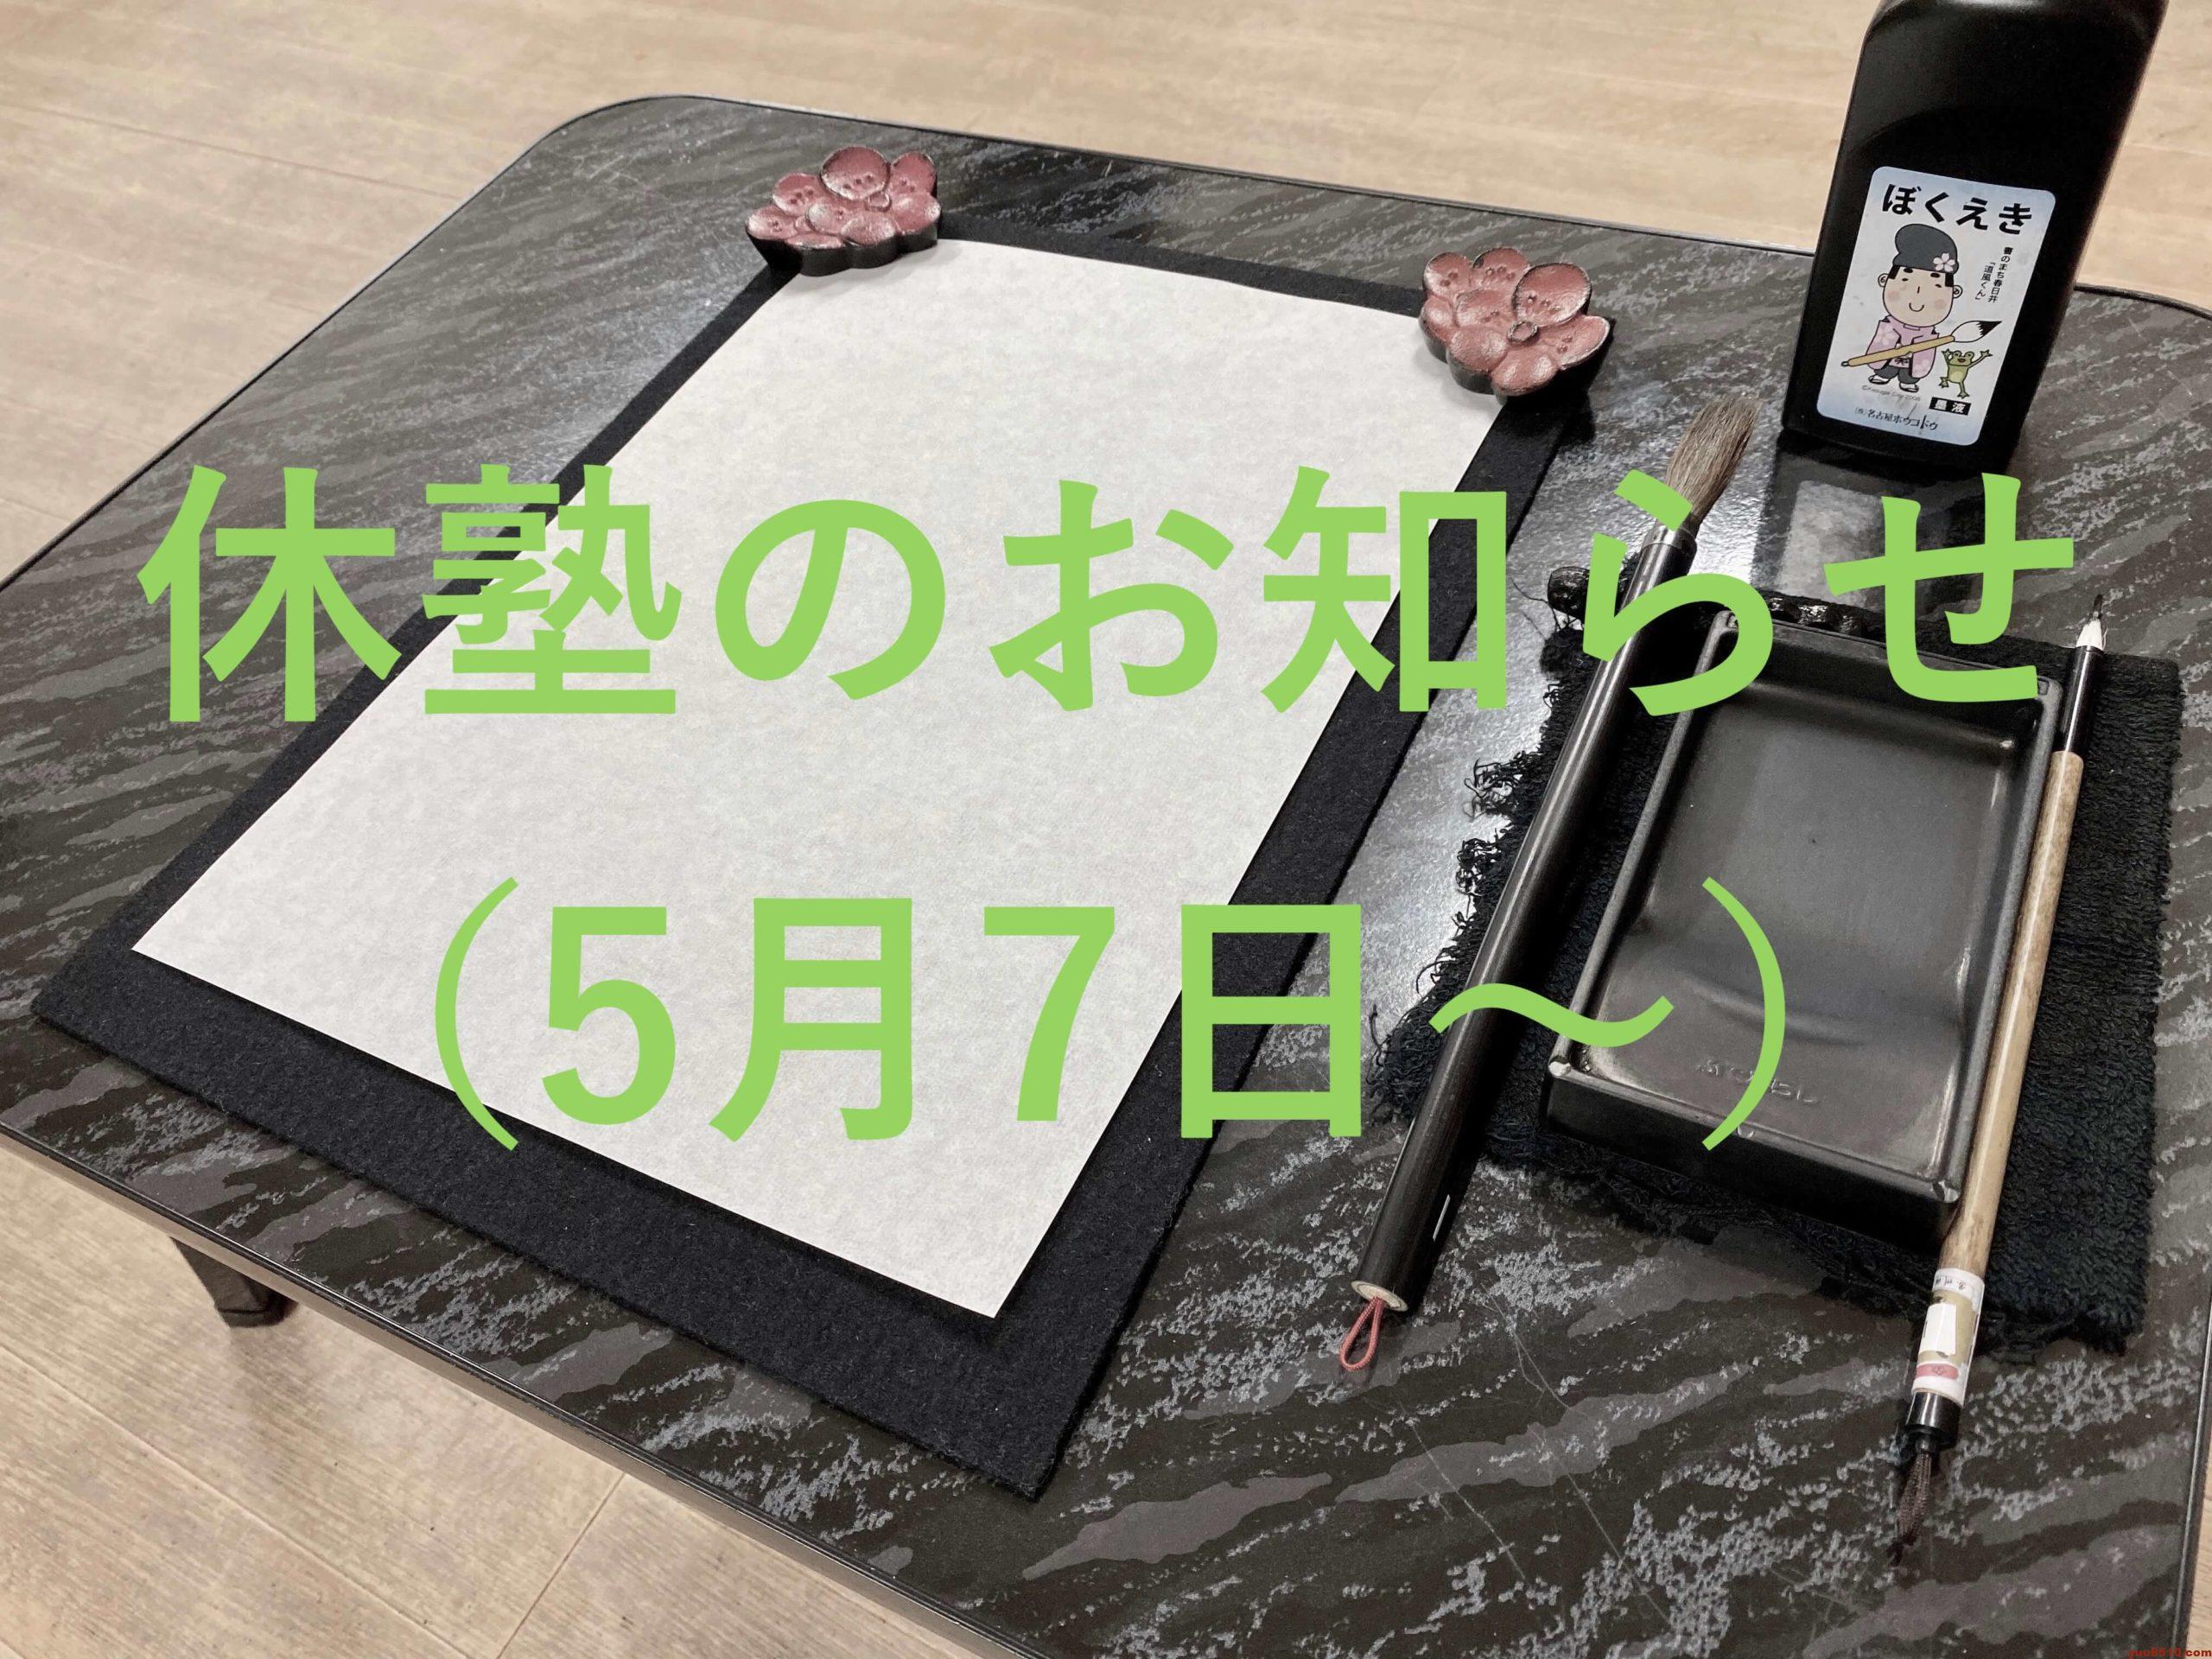 休塾のお知らせ(5月7日〜)